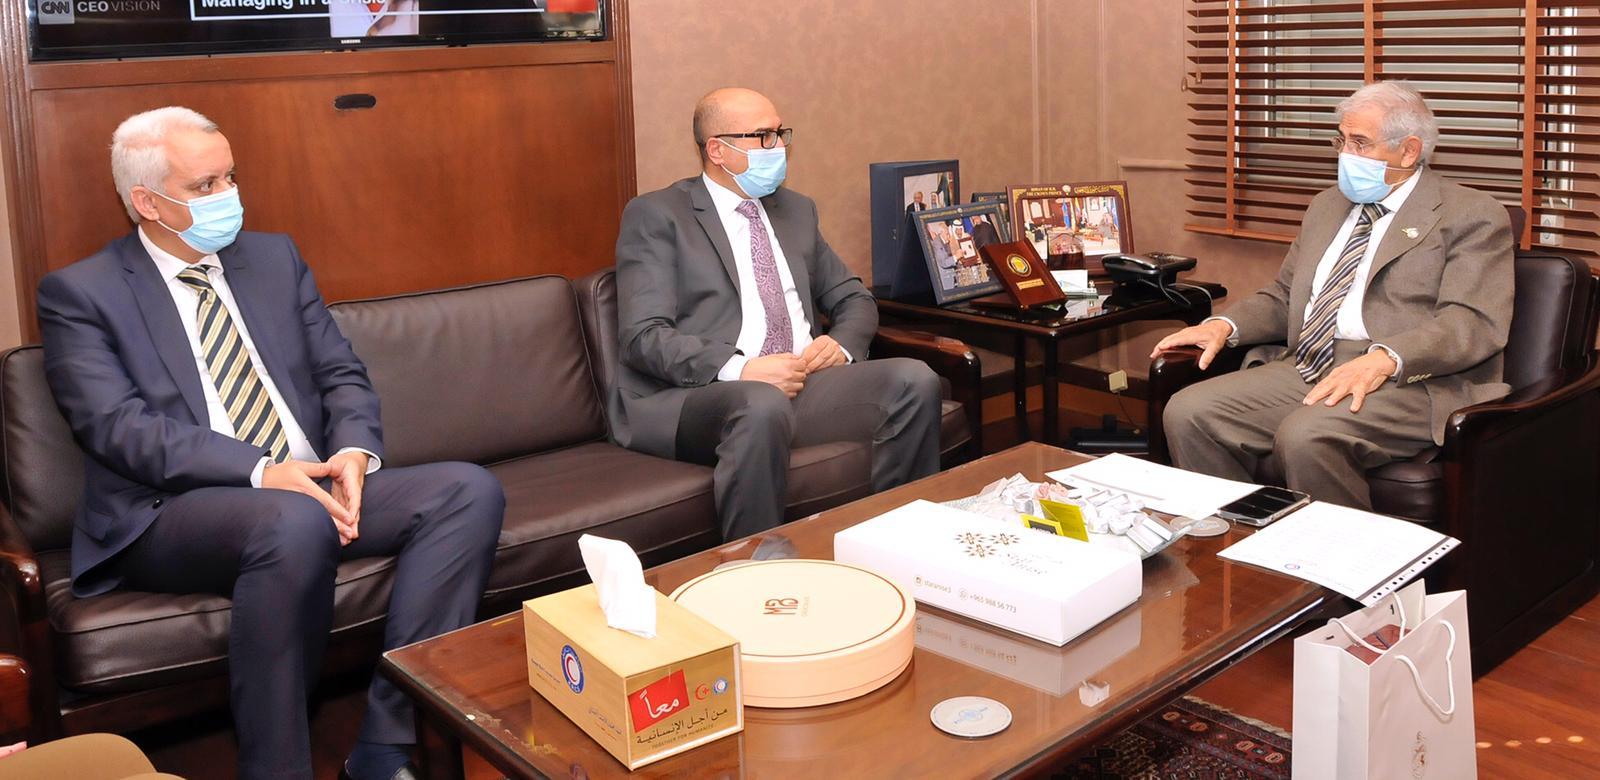 ٢٠٢١٠١١٣ ١٥٥٣٢٩ - السفير التونسي لدى البلاد: الكويت جسدت نموذجًا متميزًا للعمل الإنساني الخيري.     #العبدلي_نيوز